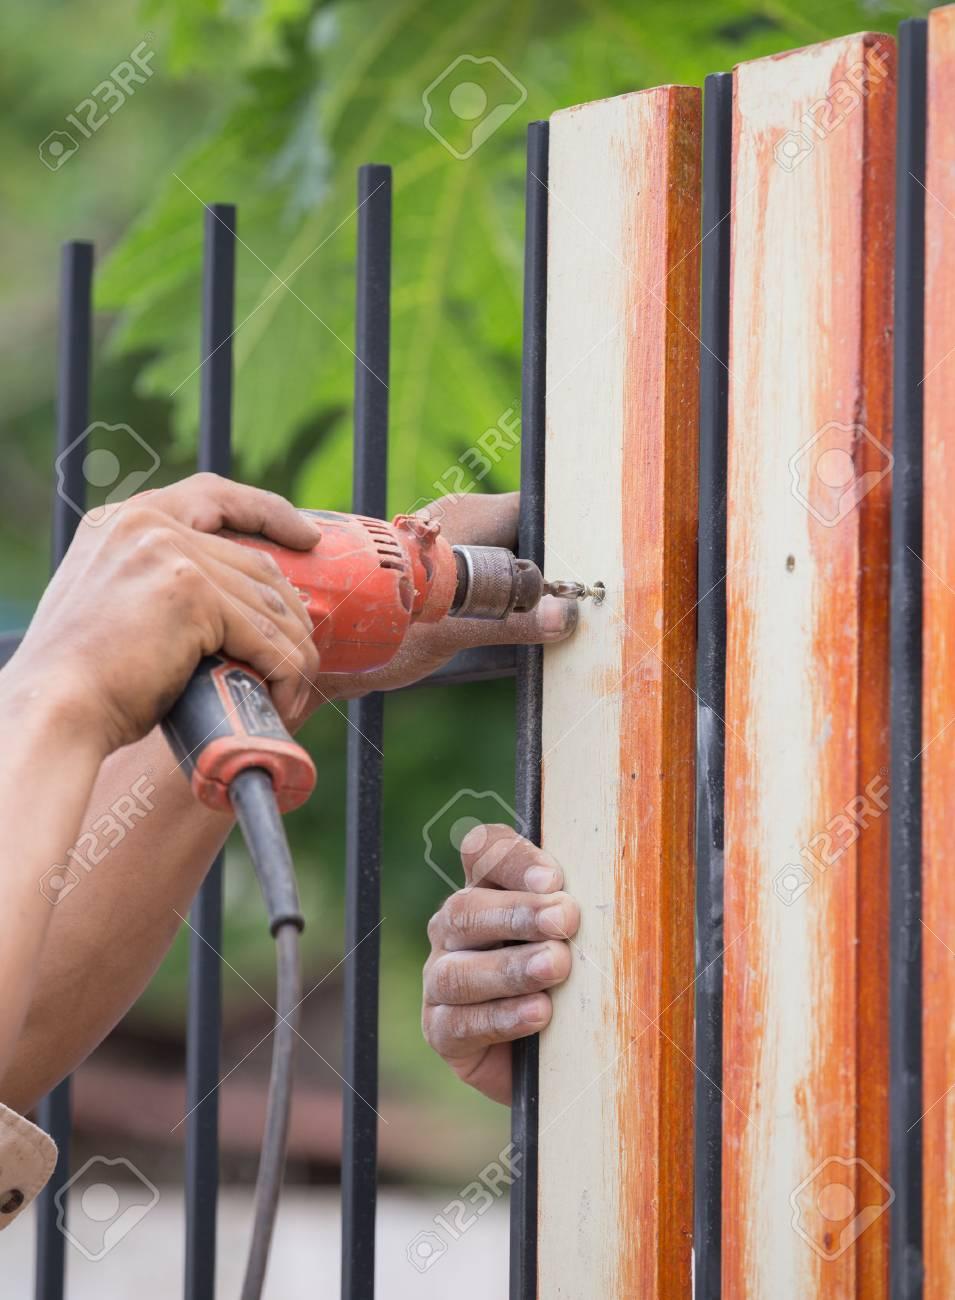 Schreiner Hande Mit Elektrischen Bohrmaschine Auf Zaun Holz